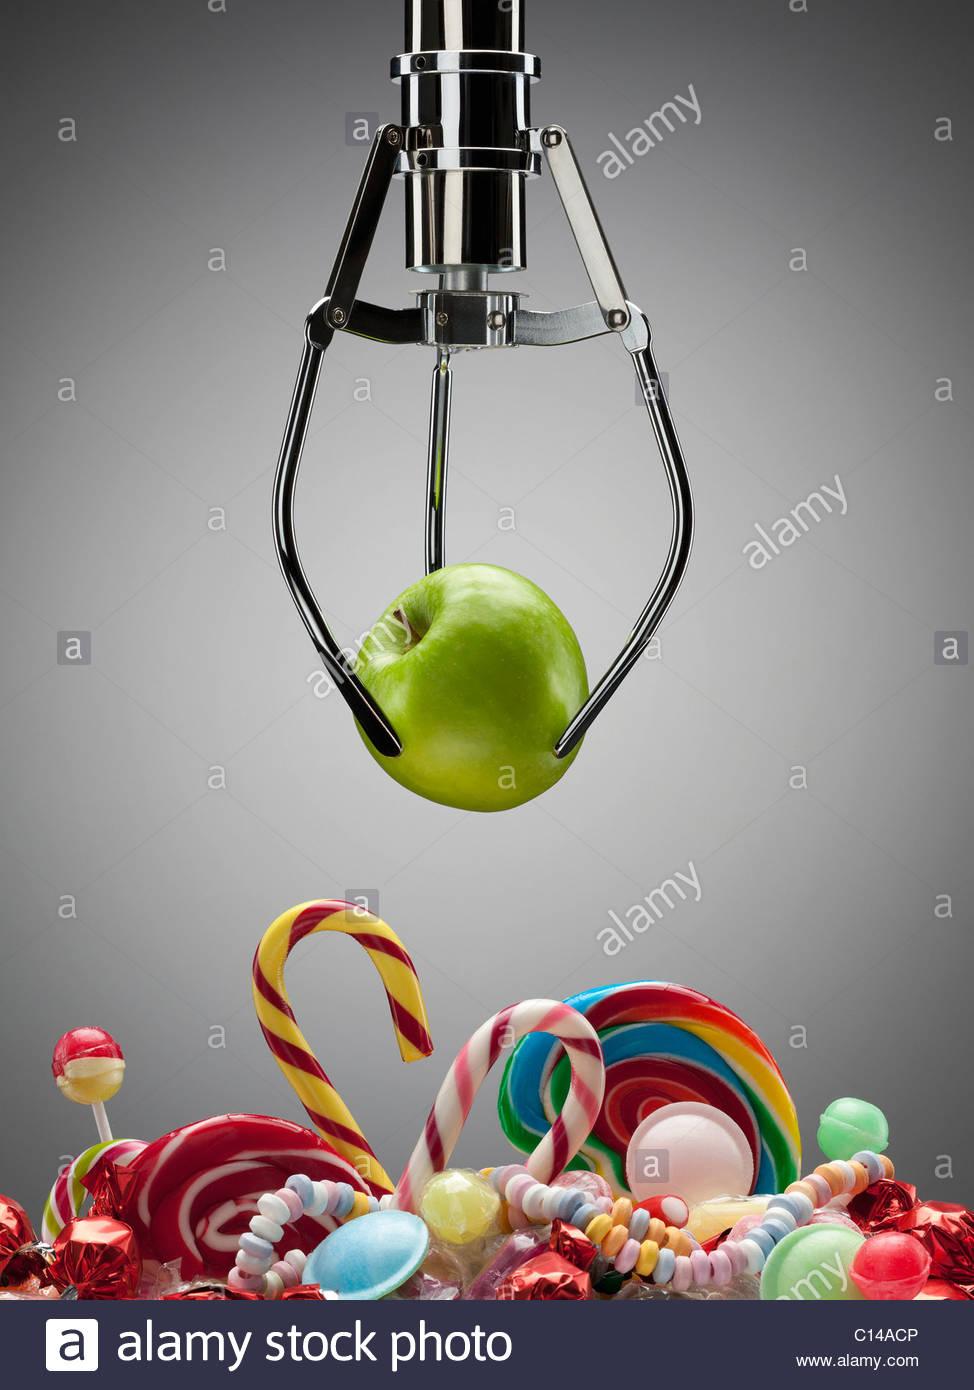 Gancho con manzana verde encima de variedad de golosinas dulces Imagen De Stock